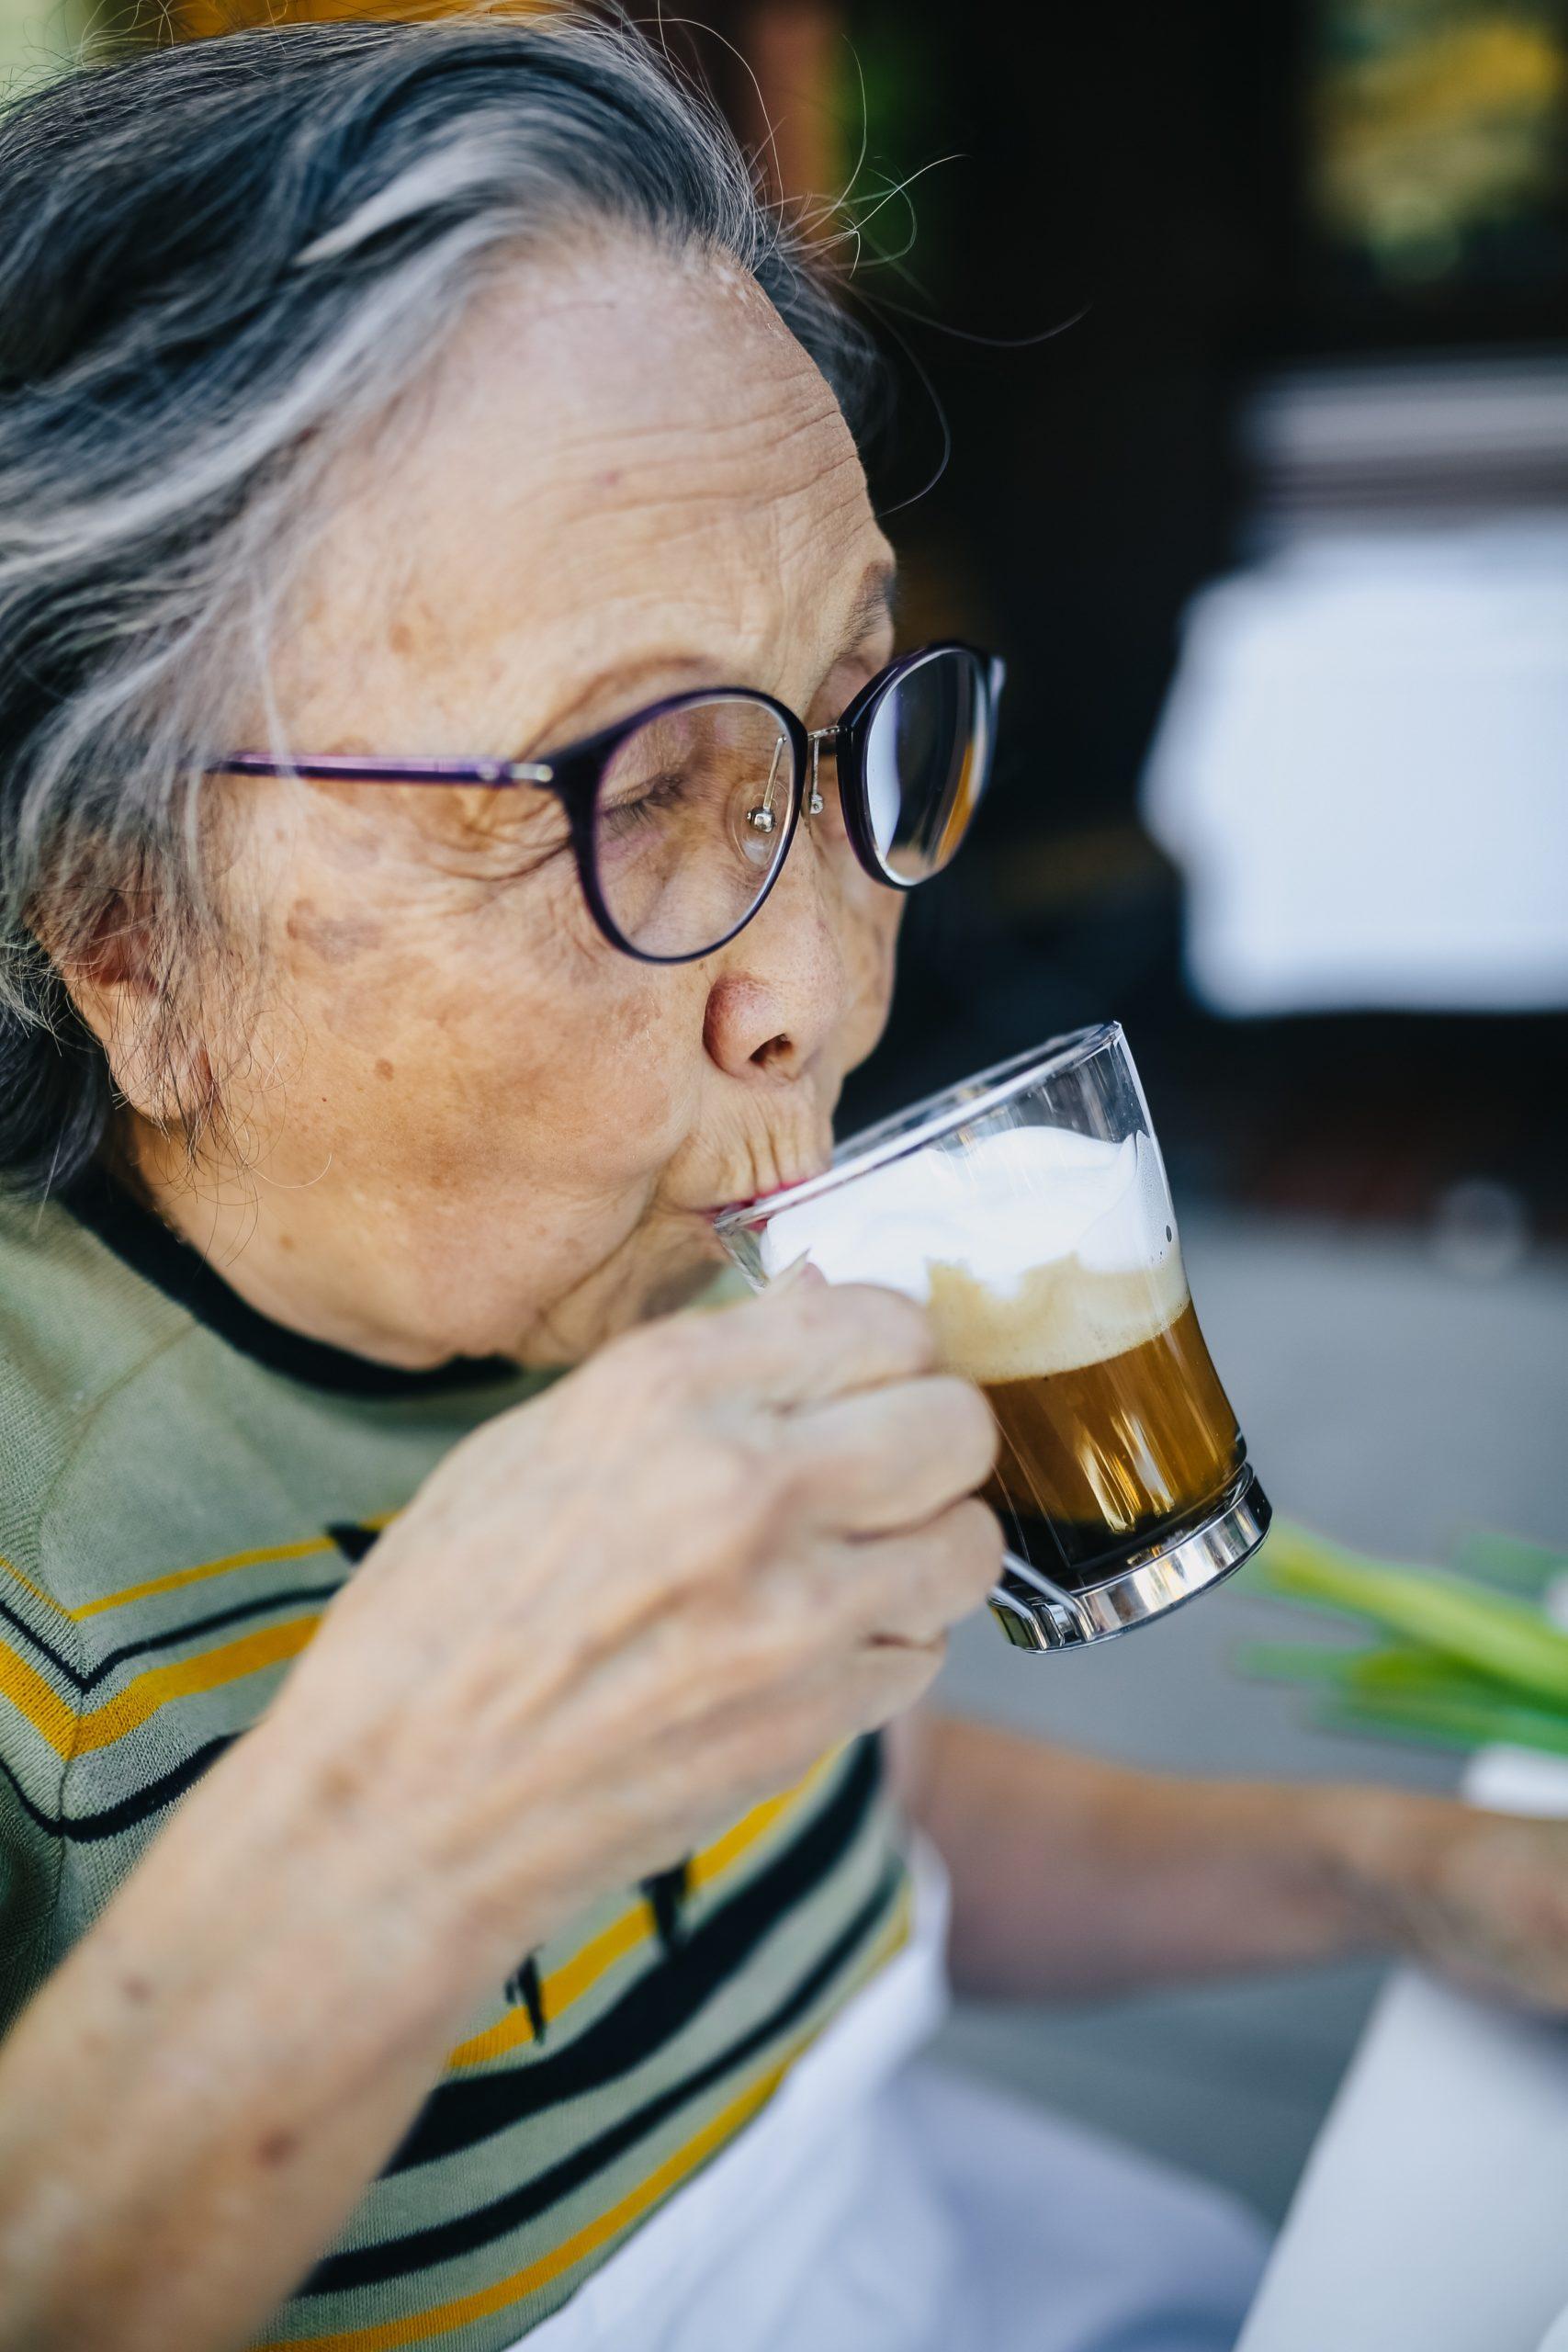 Seniorin mit großer Hornbrille trinkt Kaffee aus einem Glas.